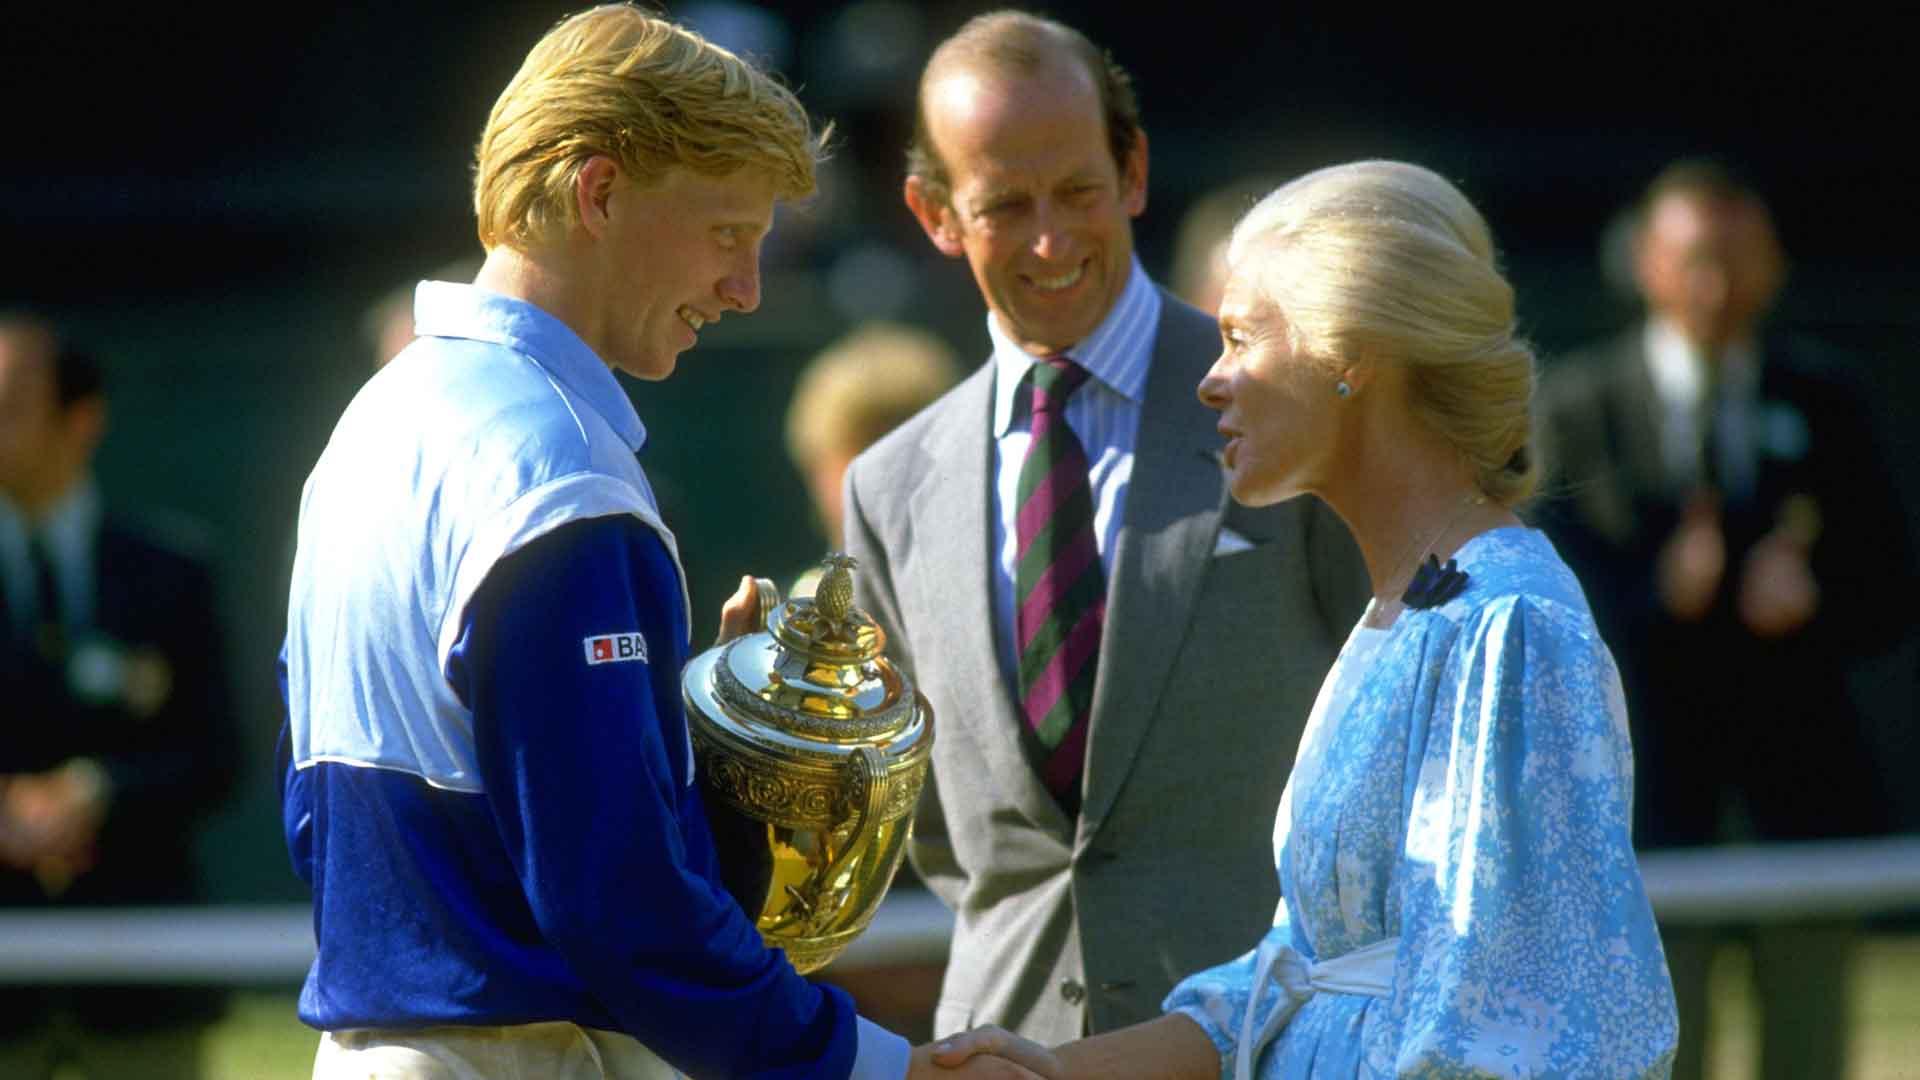 <a href='/en/players/boris-becker/b028/overview'>Boris Becker</a> beats <a href='/en/players/kevin-curren/c057/overview'>Kevin Curren</a> to lift the 1985 Gentlemen's Singles title at <a href='/en/tournaments/wimbledon/540/overview'>Wimbledon</a>.